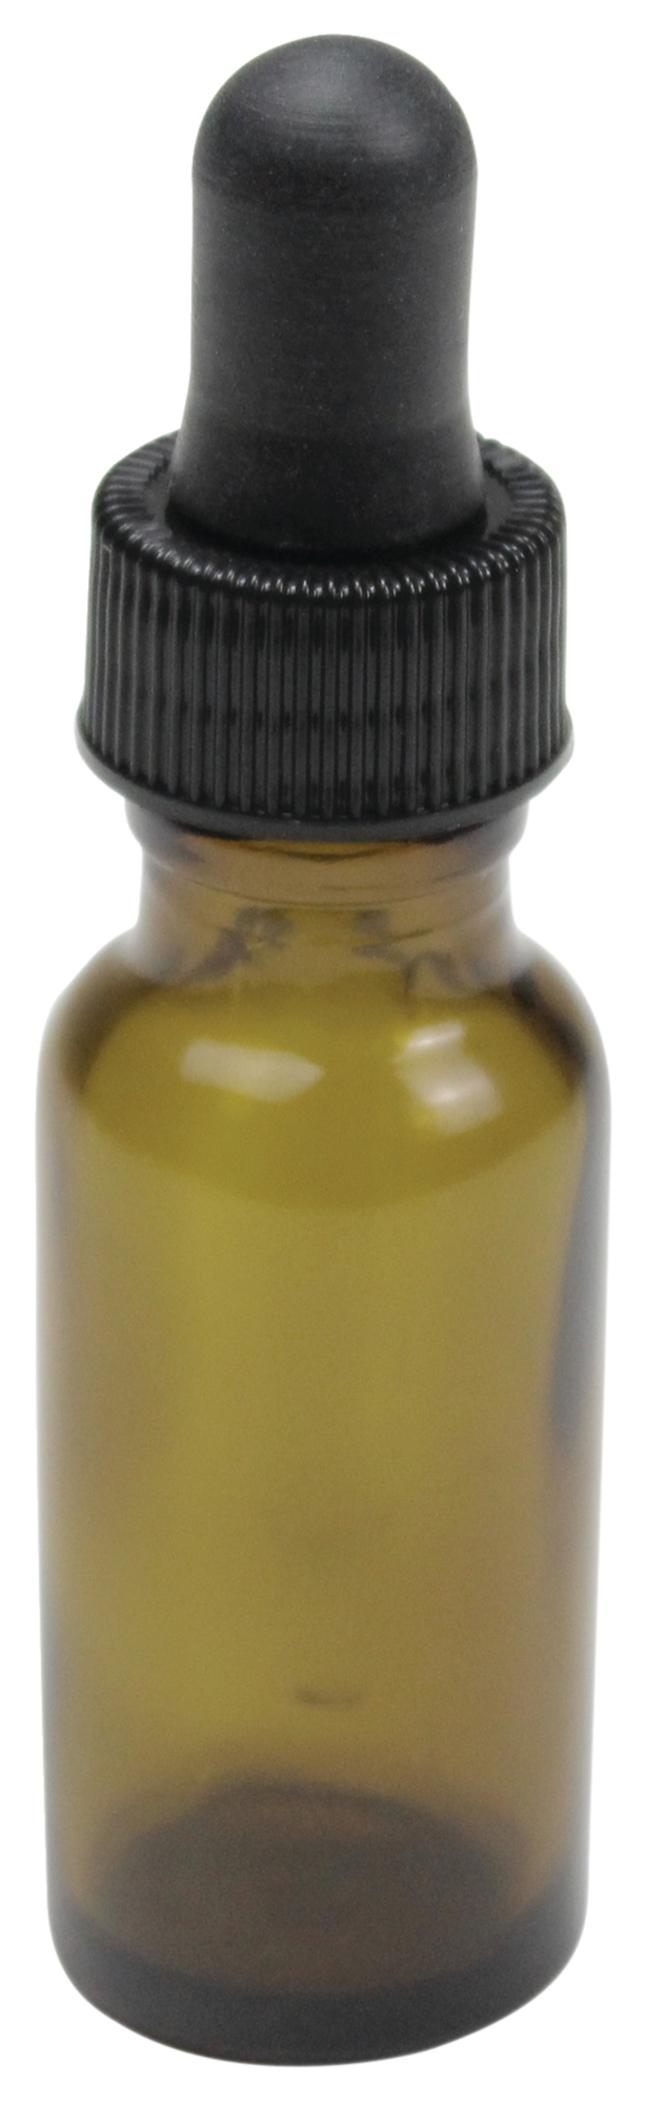 Bottles, Jars, Vials, Item Number 1294656